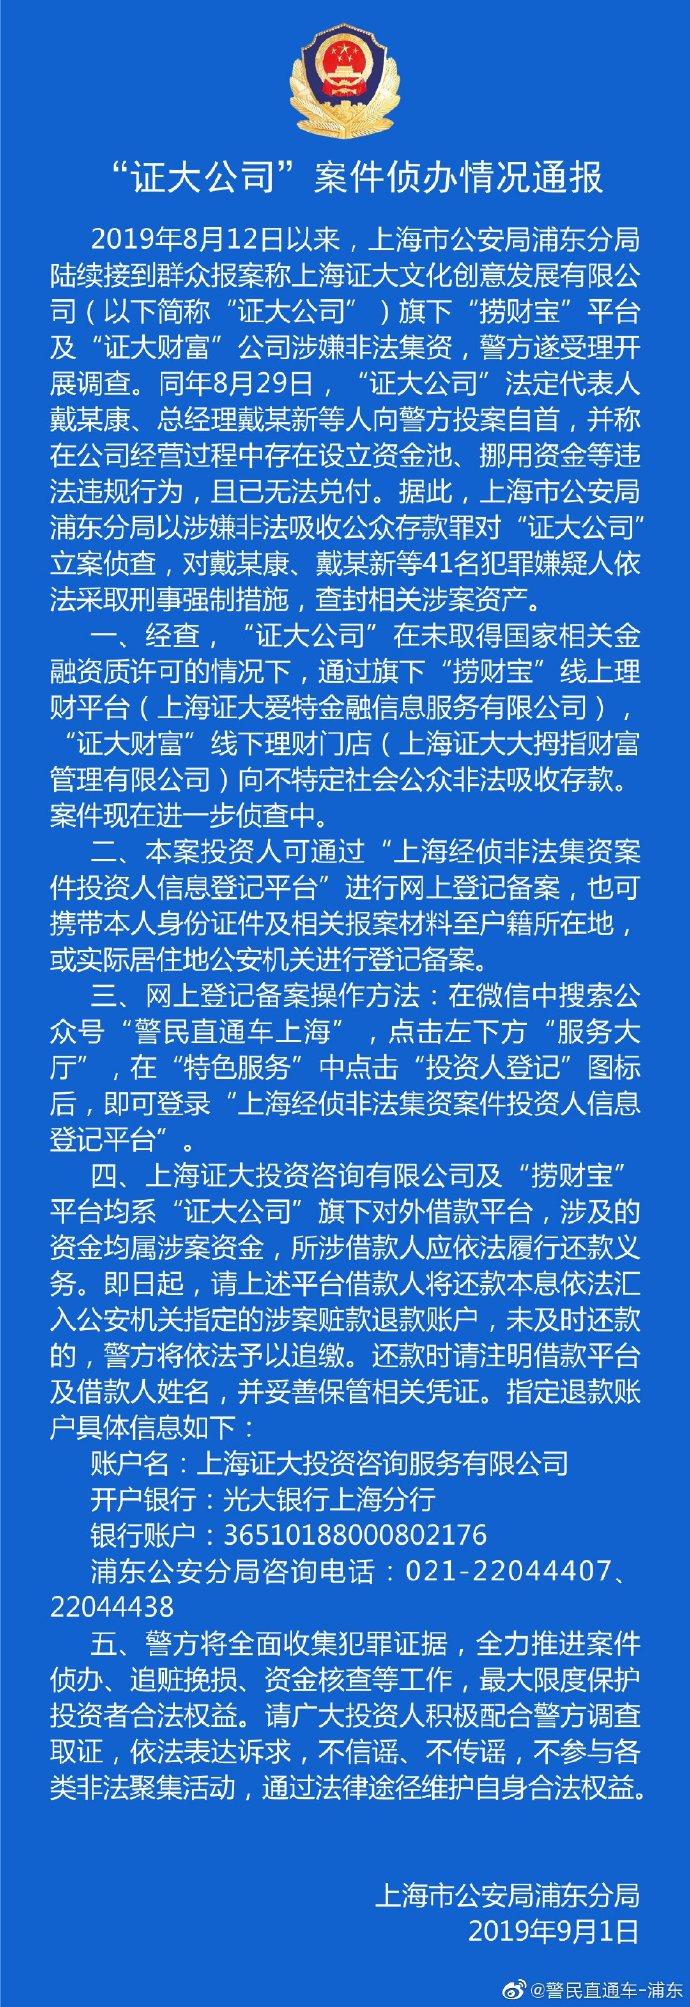 证大公司涉嫌非法集资 警方已查封涉案资产刑拘41人